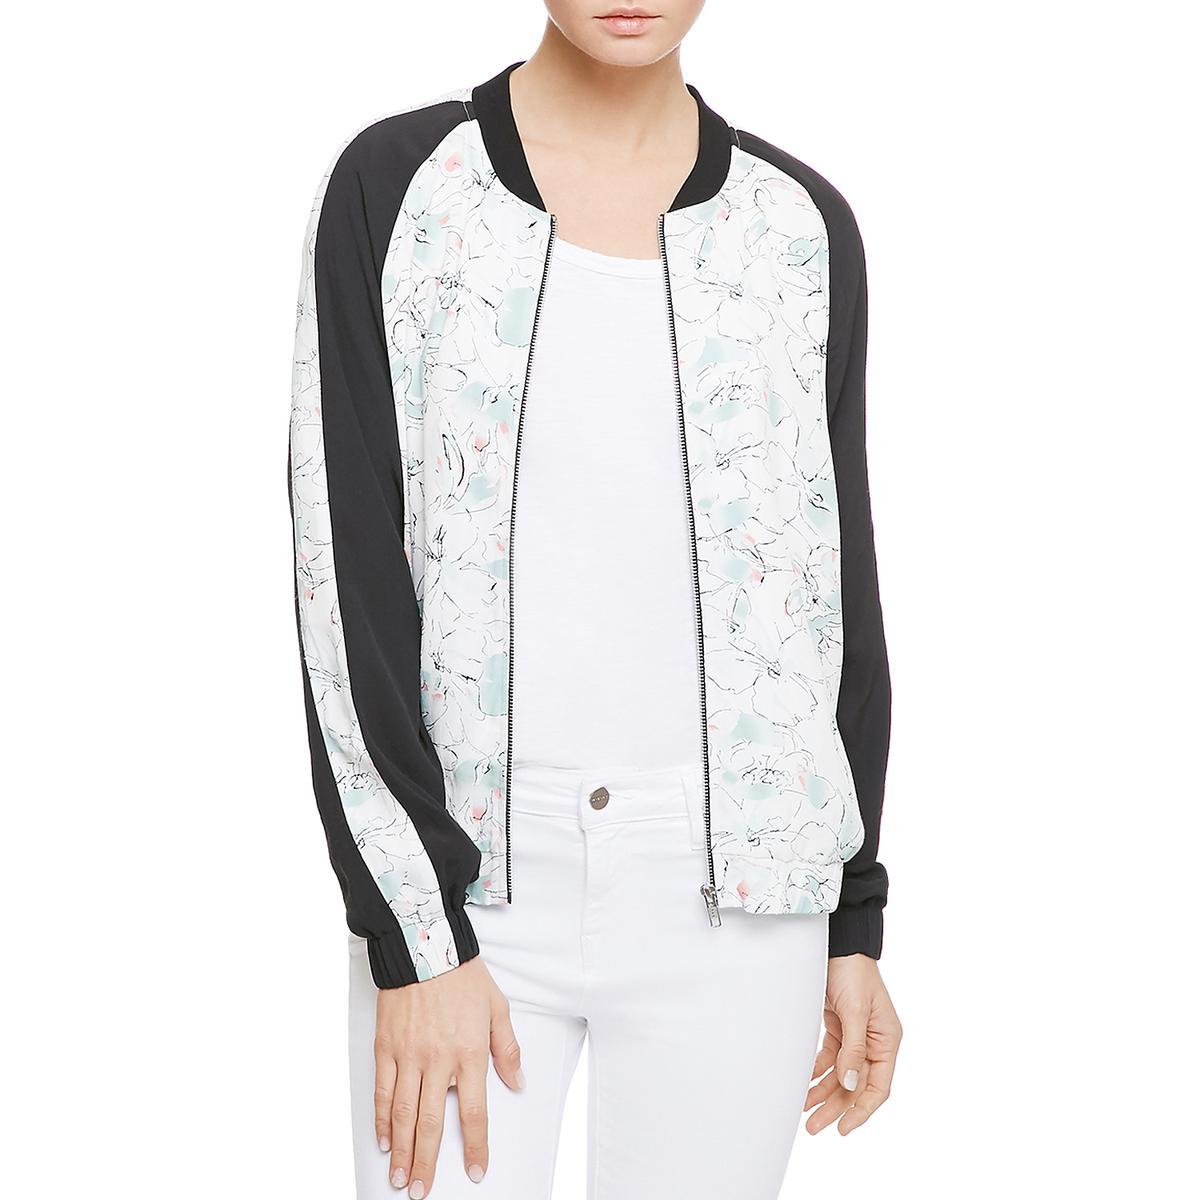 Details about Sanctuary Womens Outerwear Floral Print Crepe Bomber Jacket  Coat BHFO 3487 80a7d5d4a